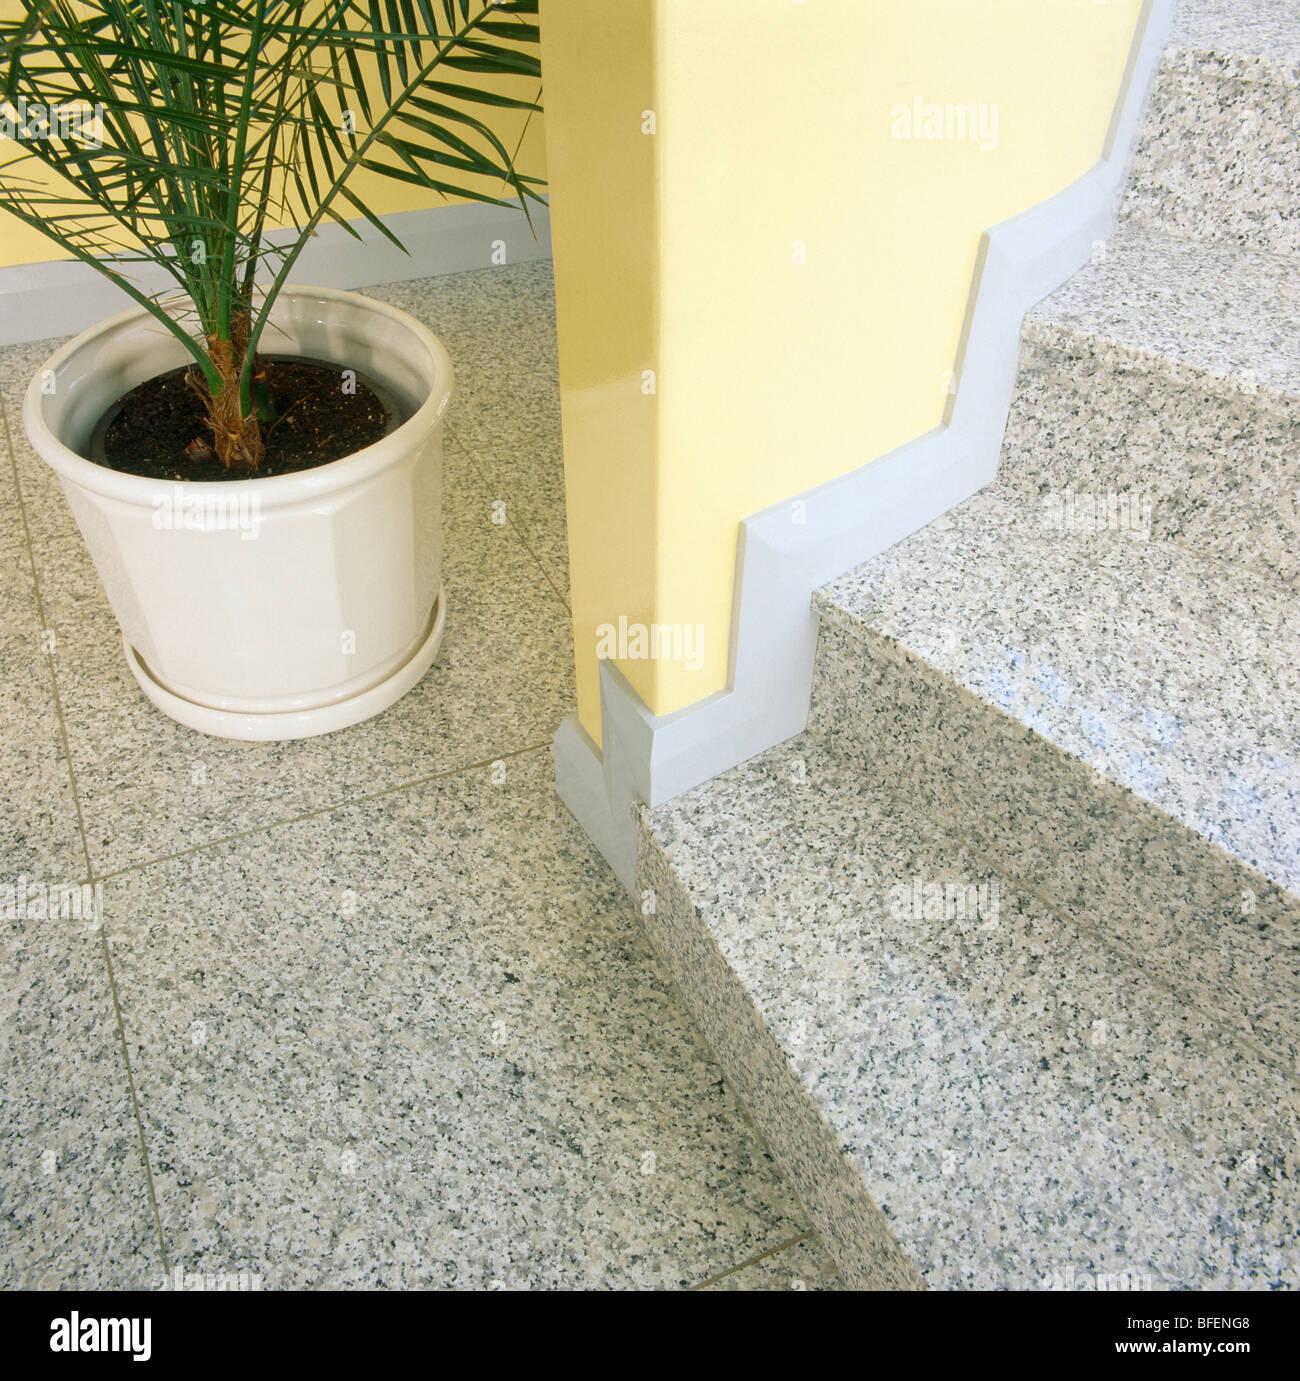 Granite Floor Tiles Stock Photos Granite Floor Tiles Stock Images